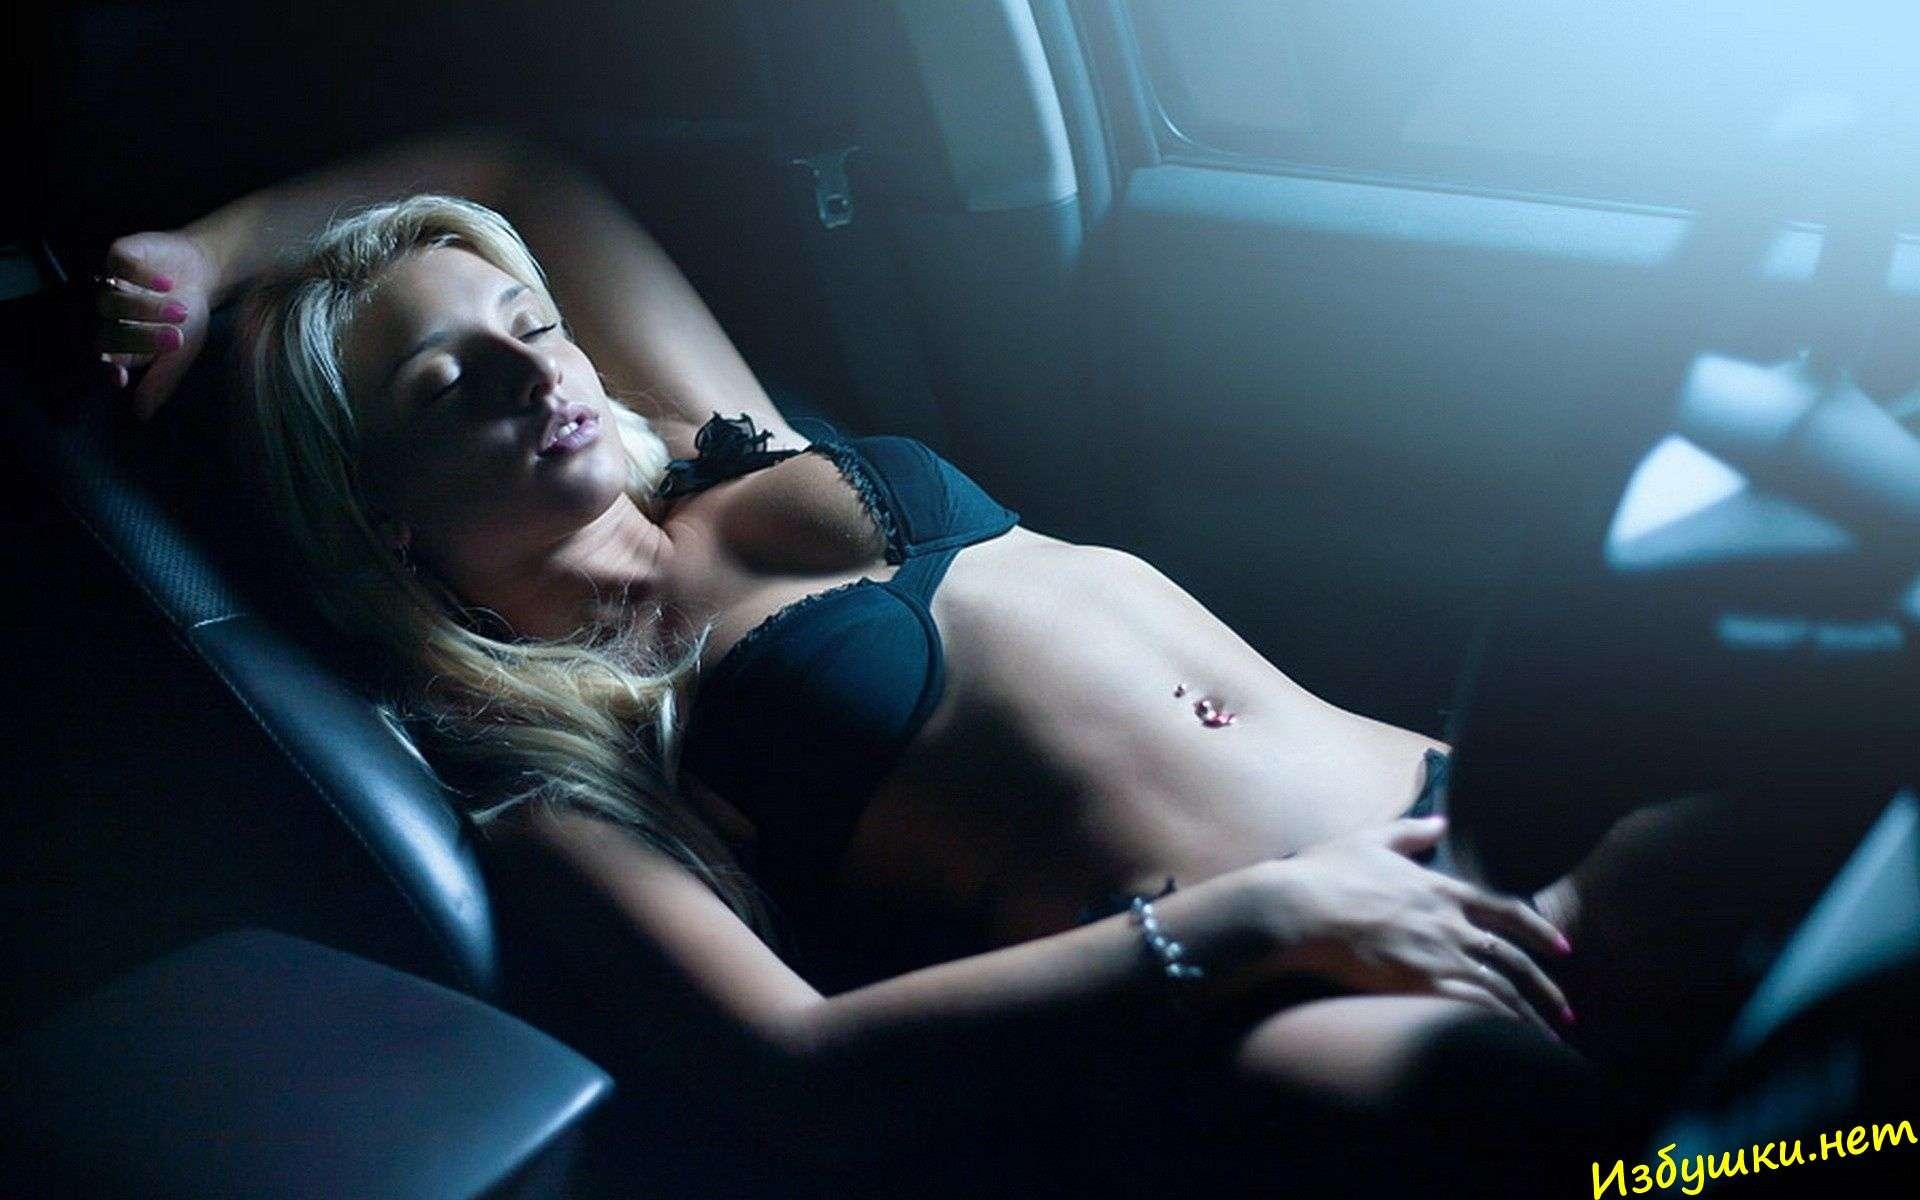 Сексуальные девушки и автомобили (часть 5)